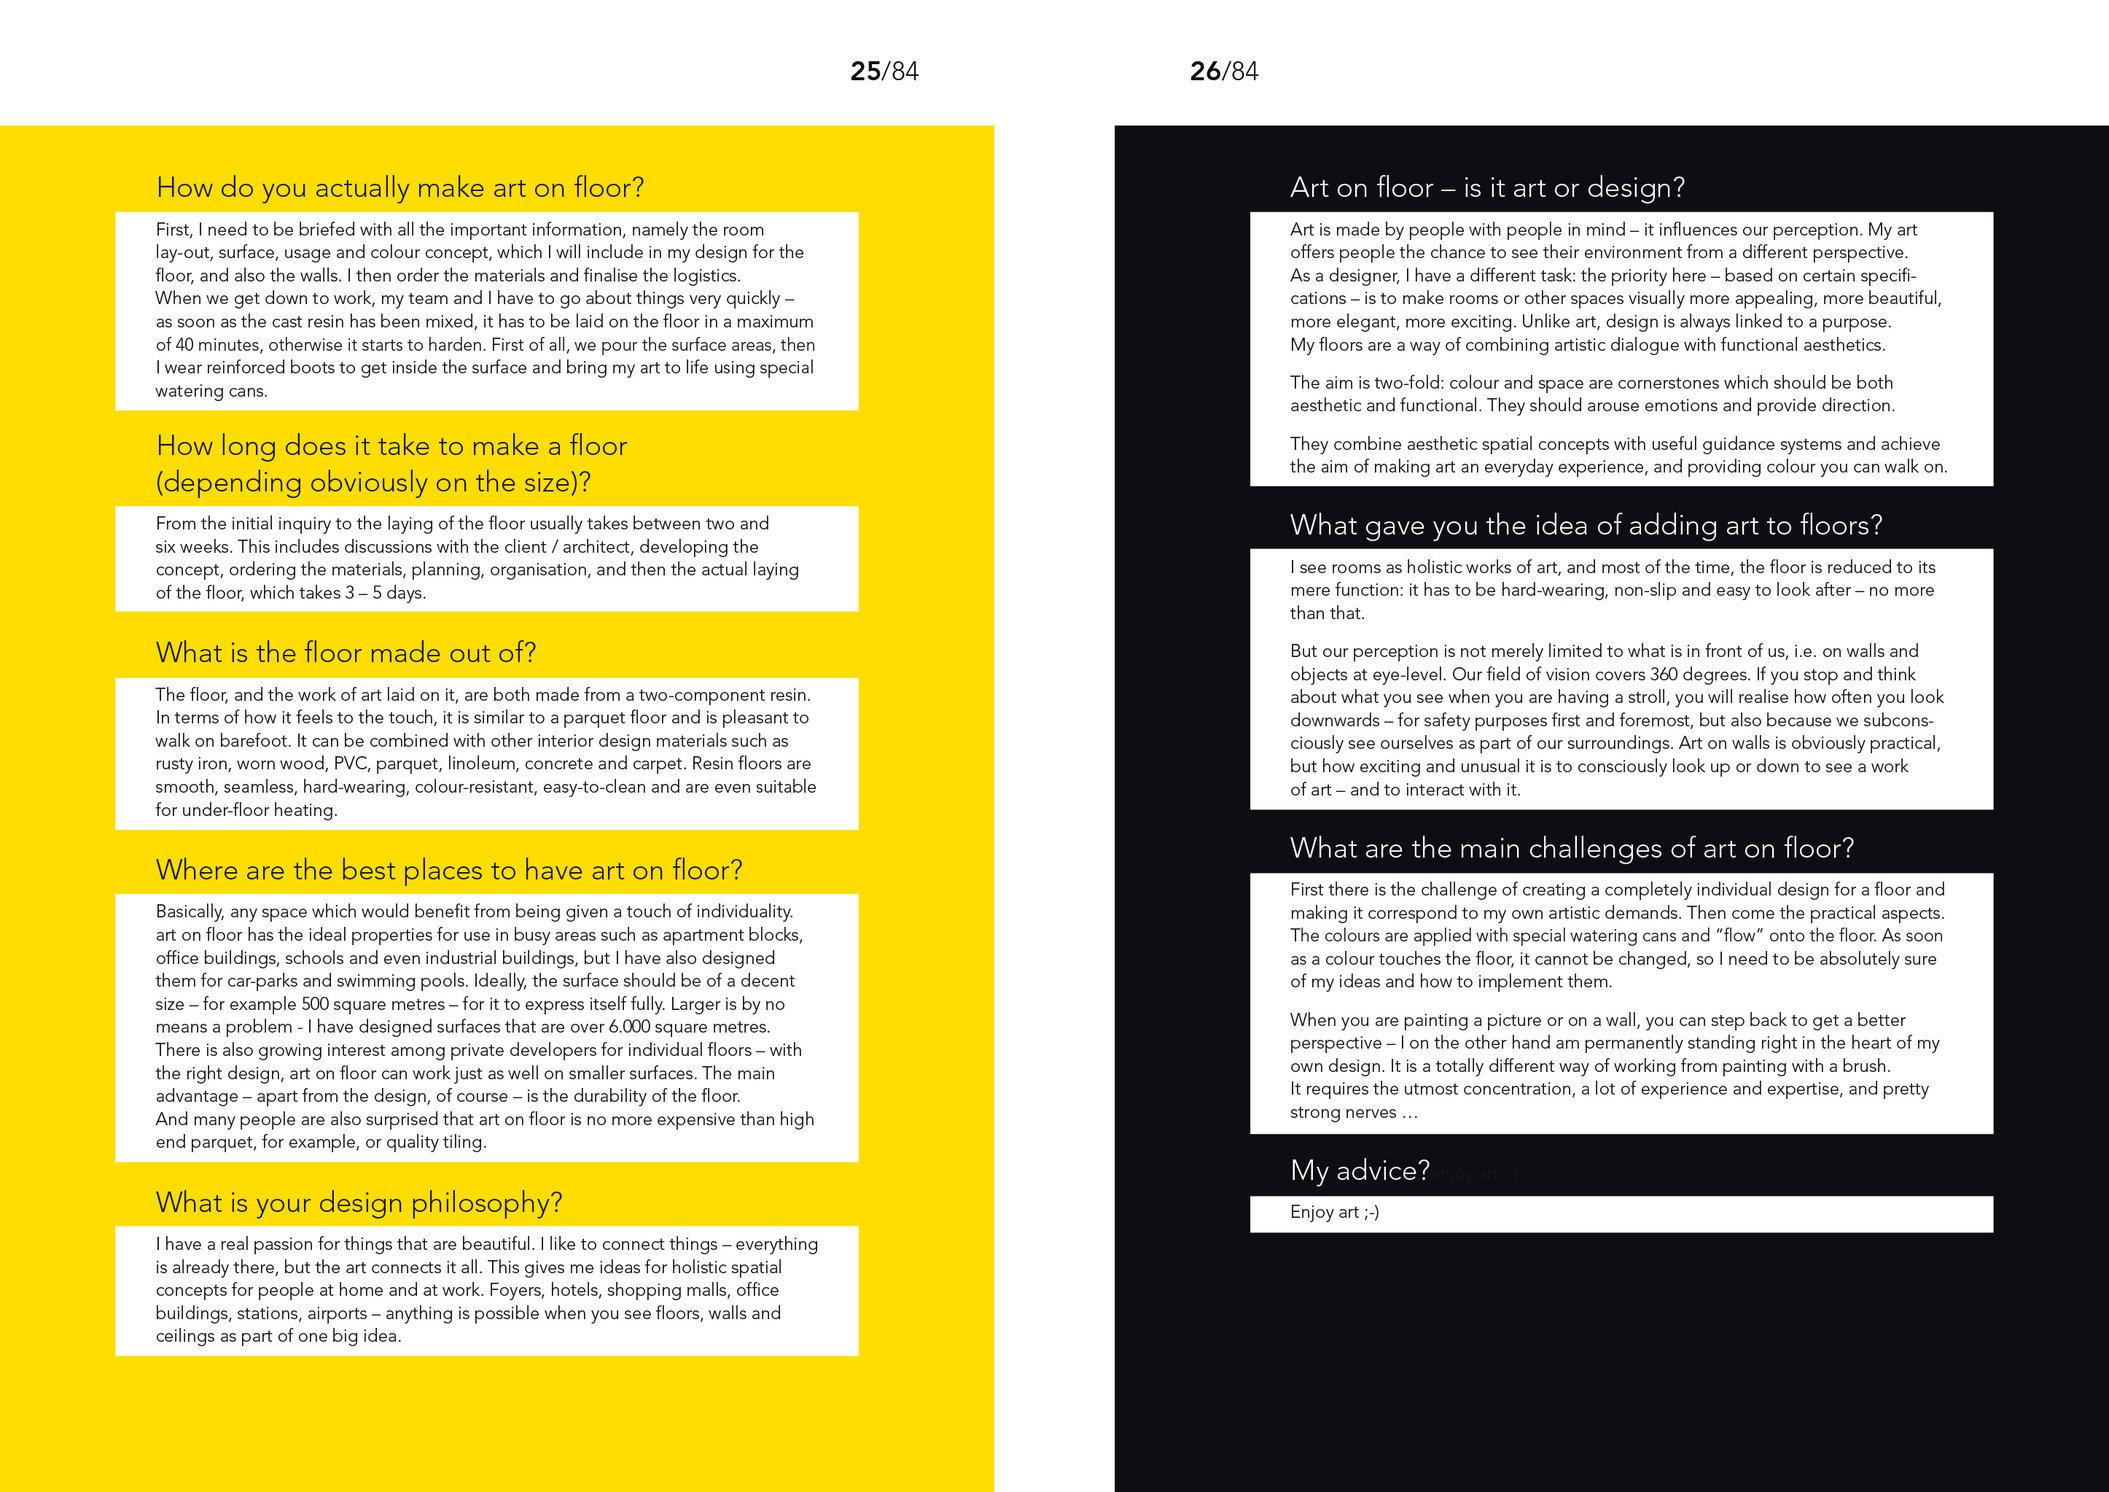 broschüre_artonfloor 13.jpg